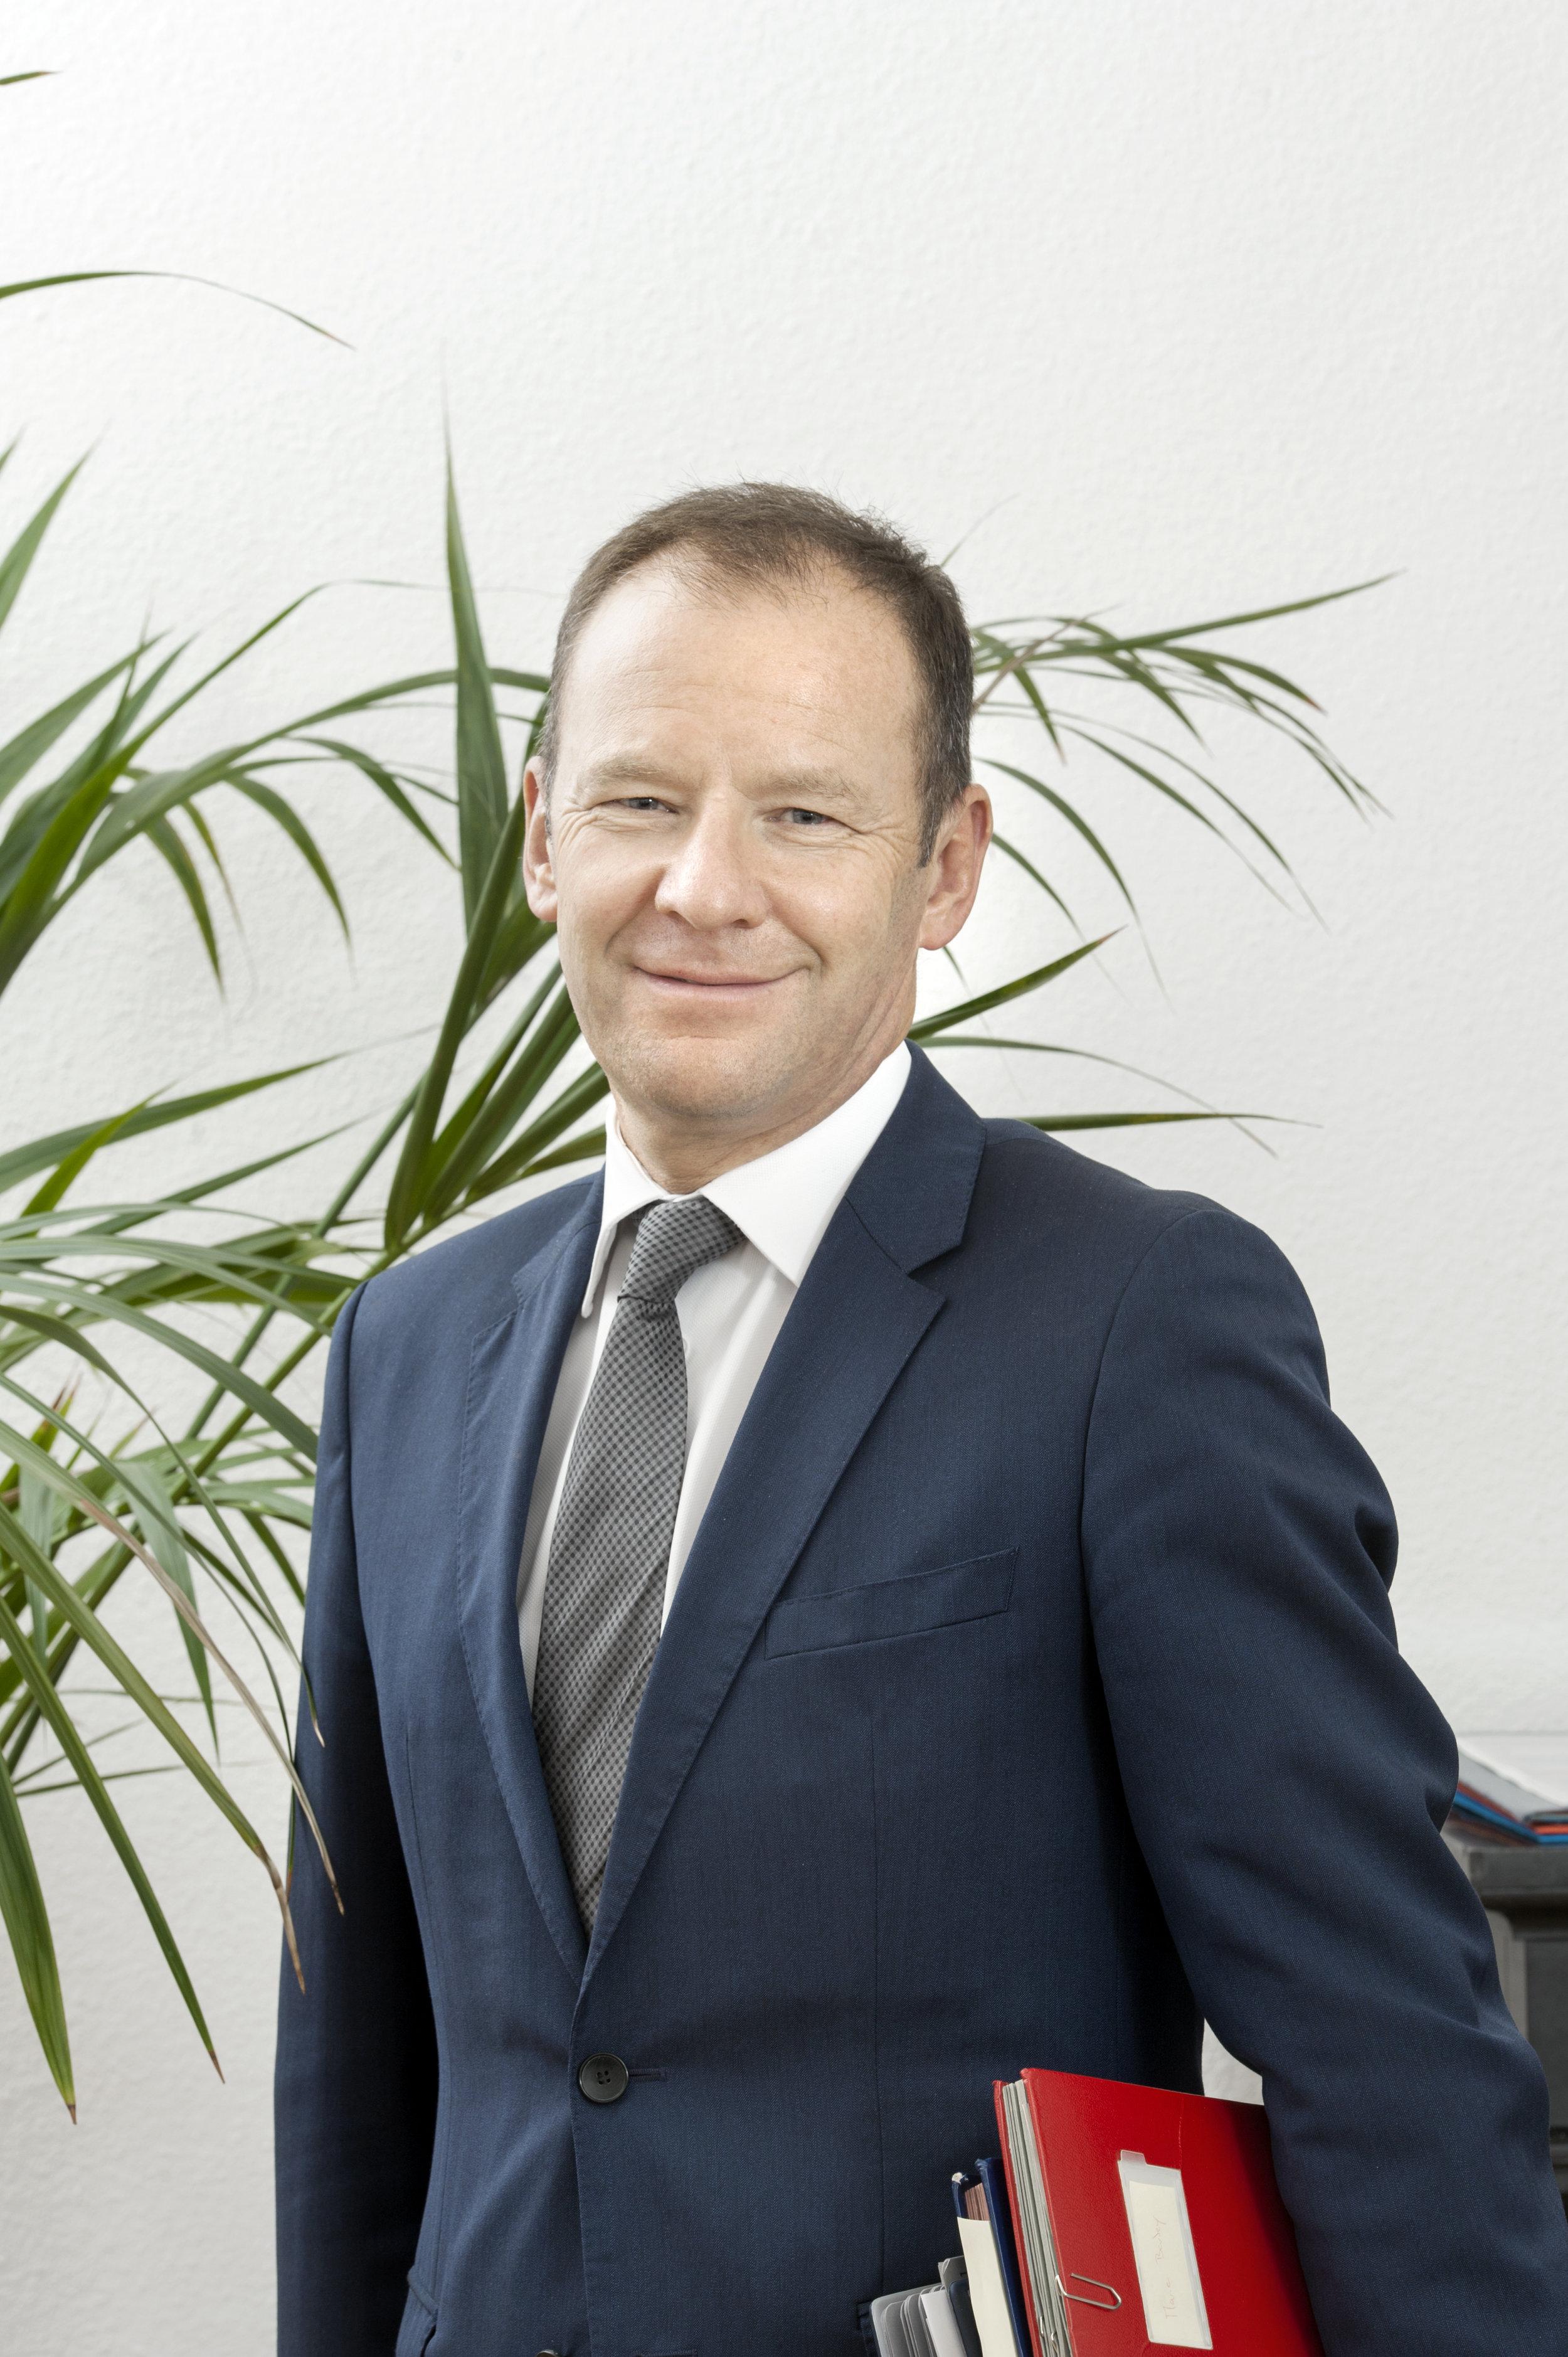 Serge Dal Busco, consigliere di Stato responsabile del dicastero delle finanze. © DR